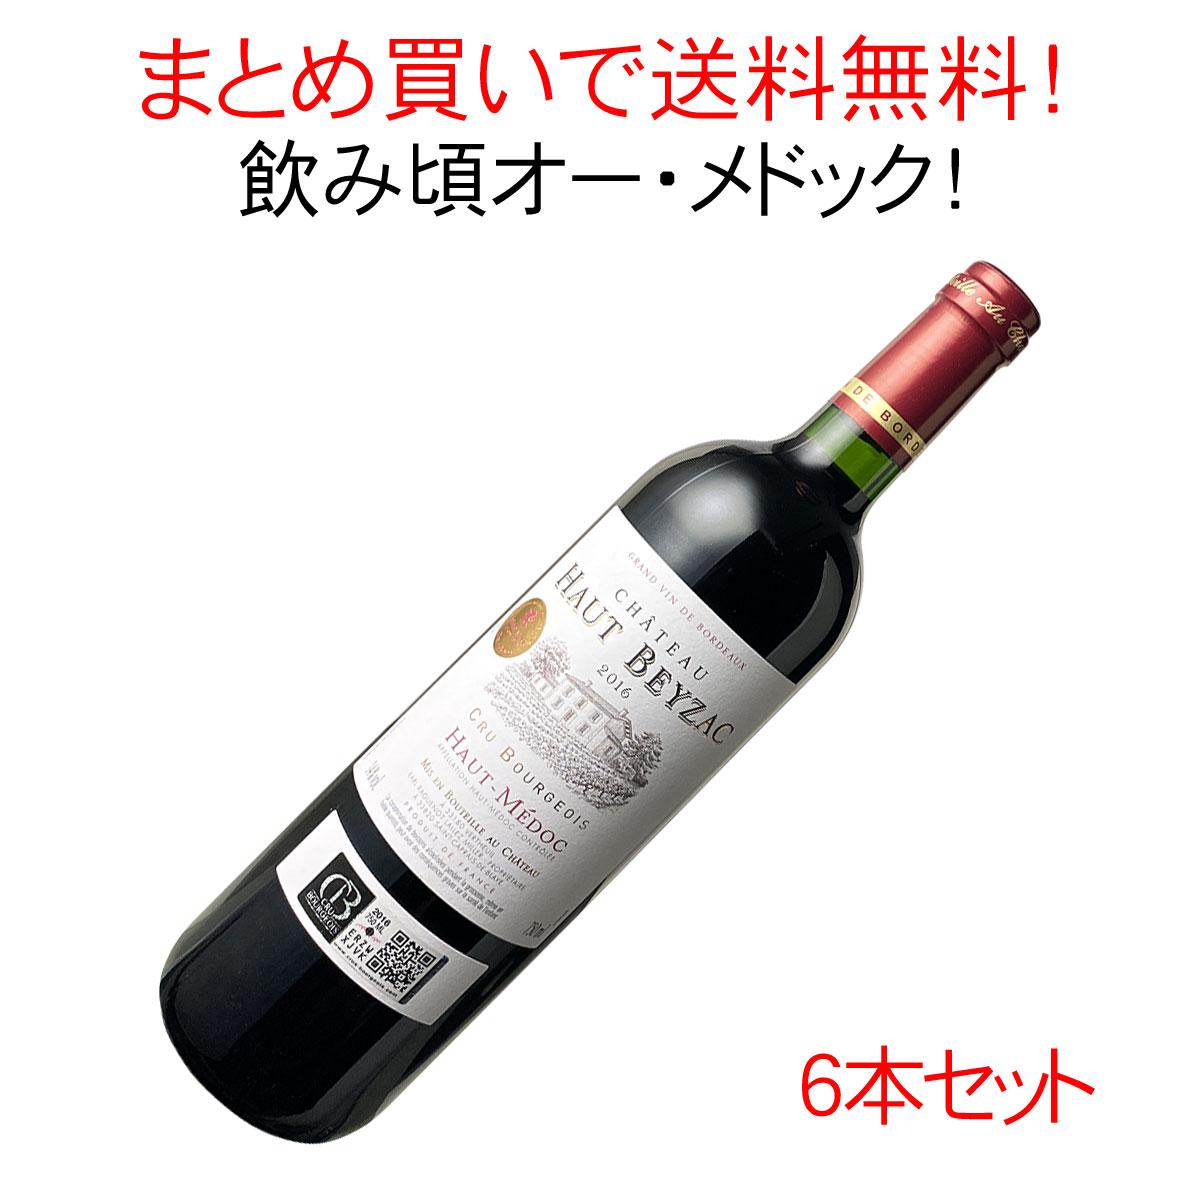 送料無料】【送料無料】シャトー・オー・ベイザック [2016] 1ケース6本セット <ワイン/ボルドー>